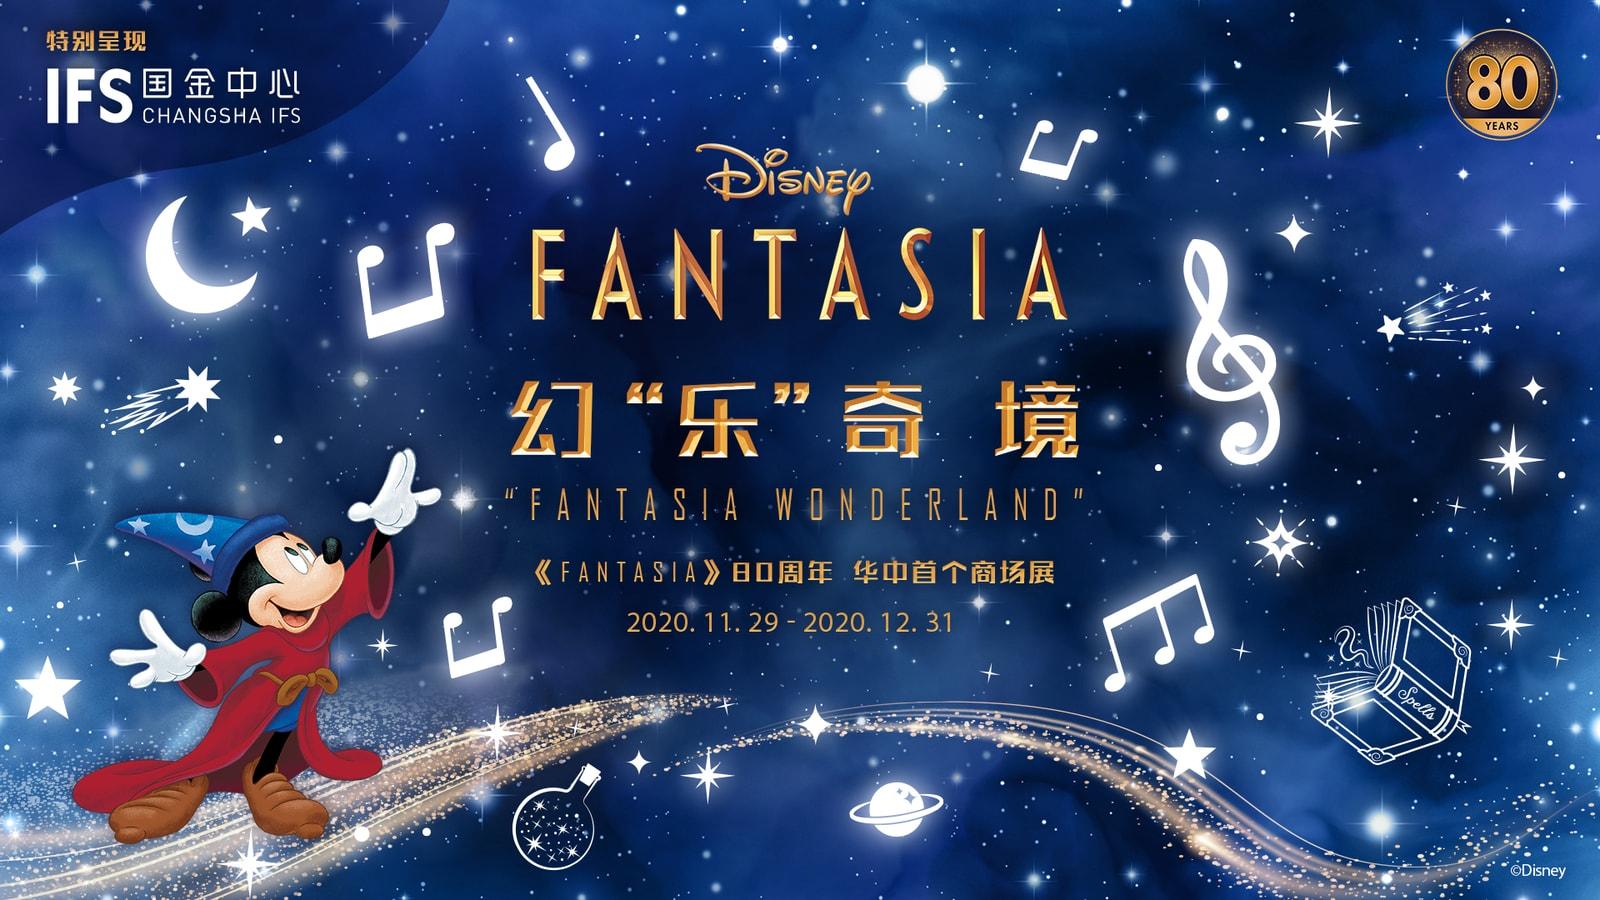 长沙 IFS 与迪士尼共同特别呈现「幻'乐'奇境」商场展